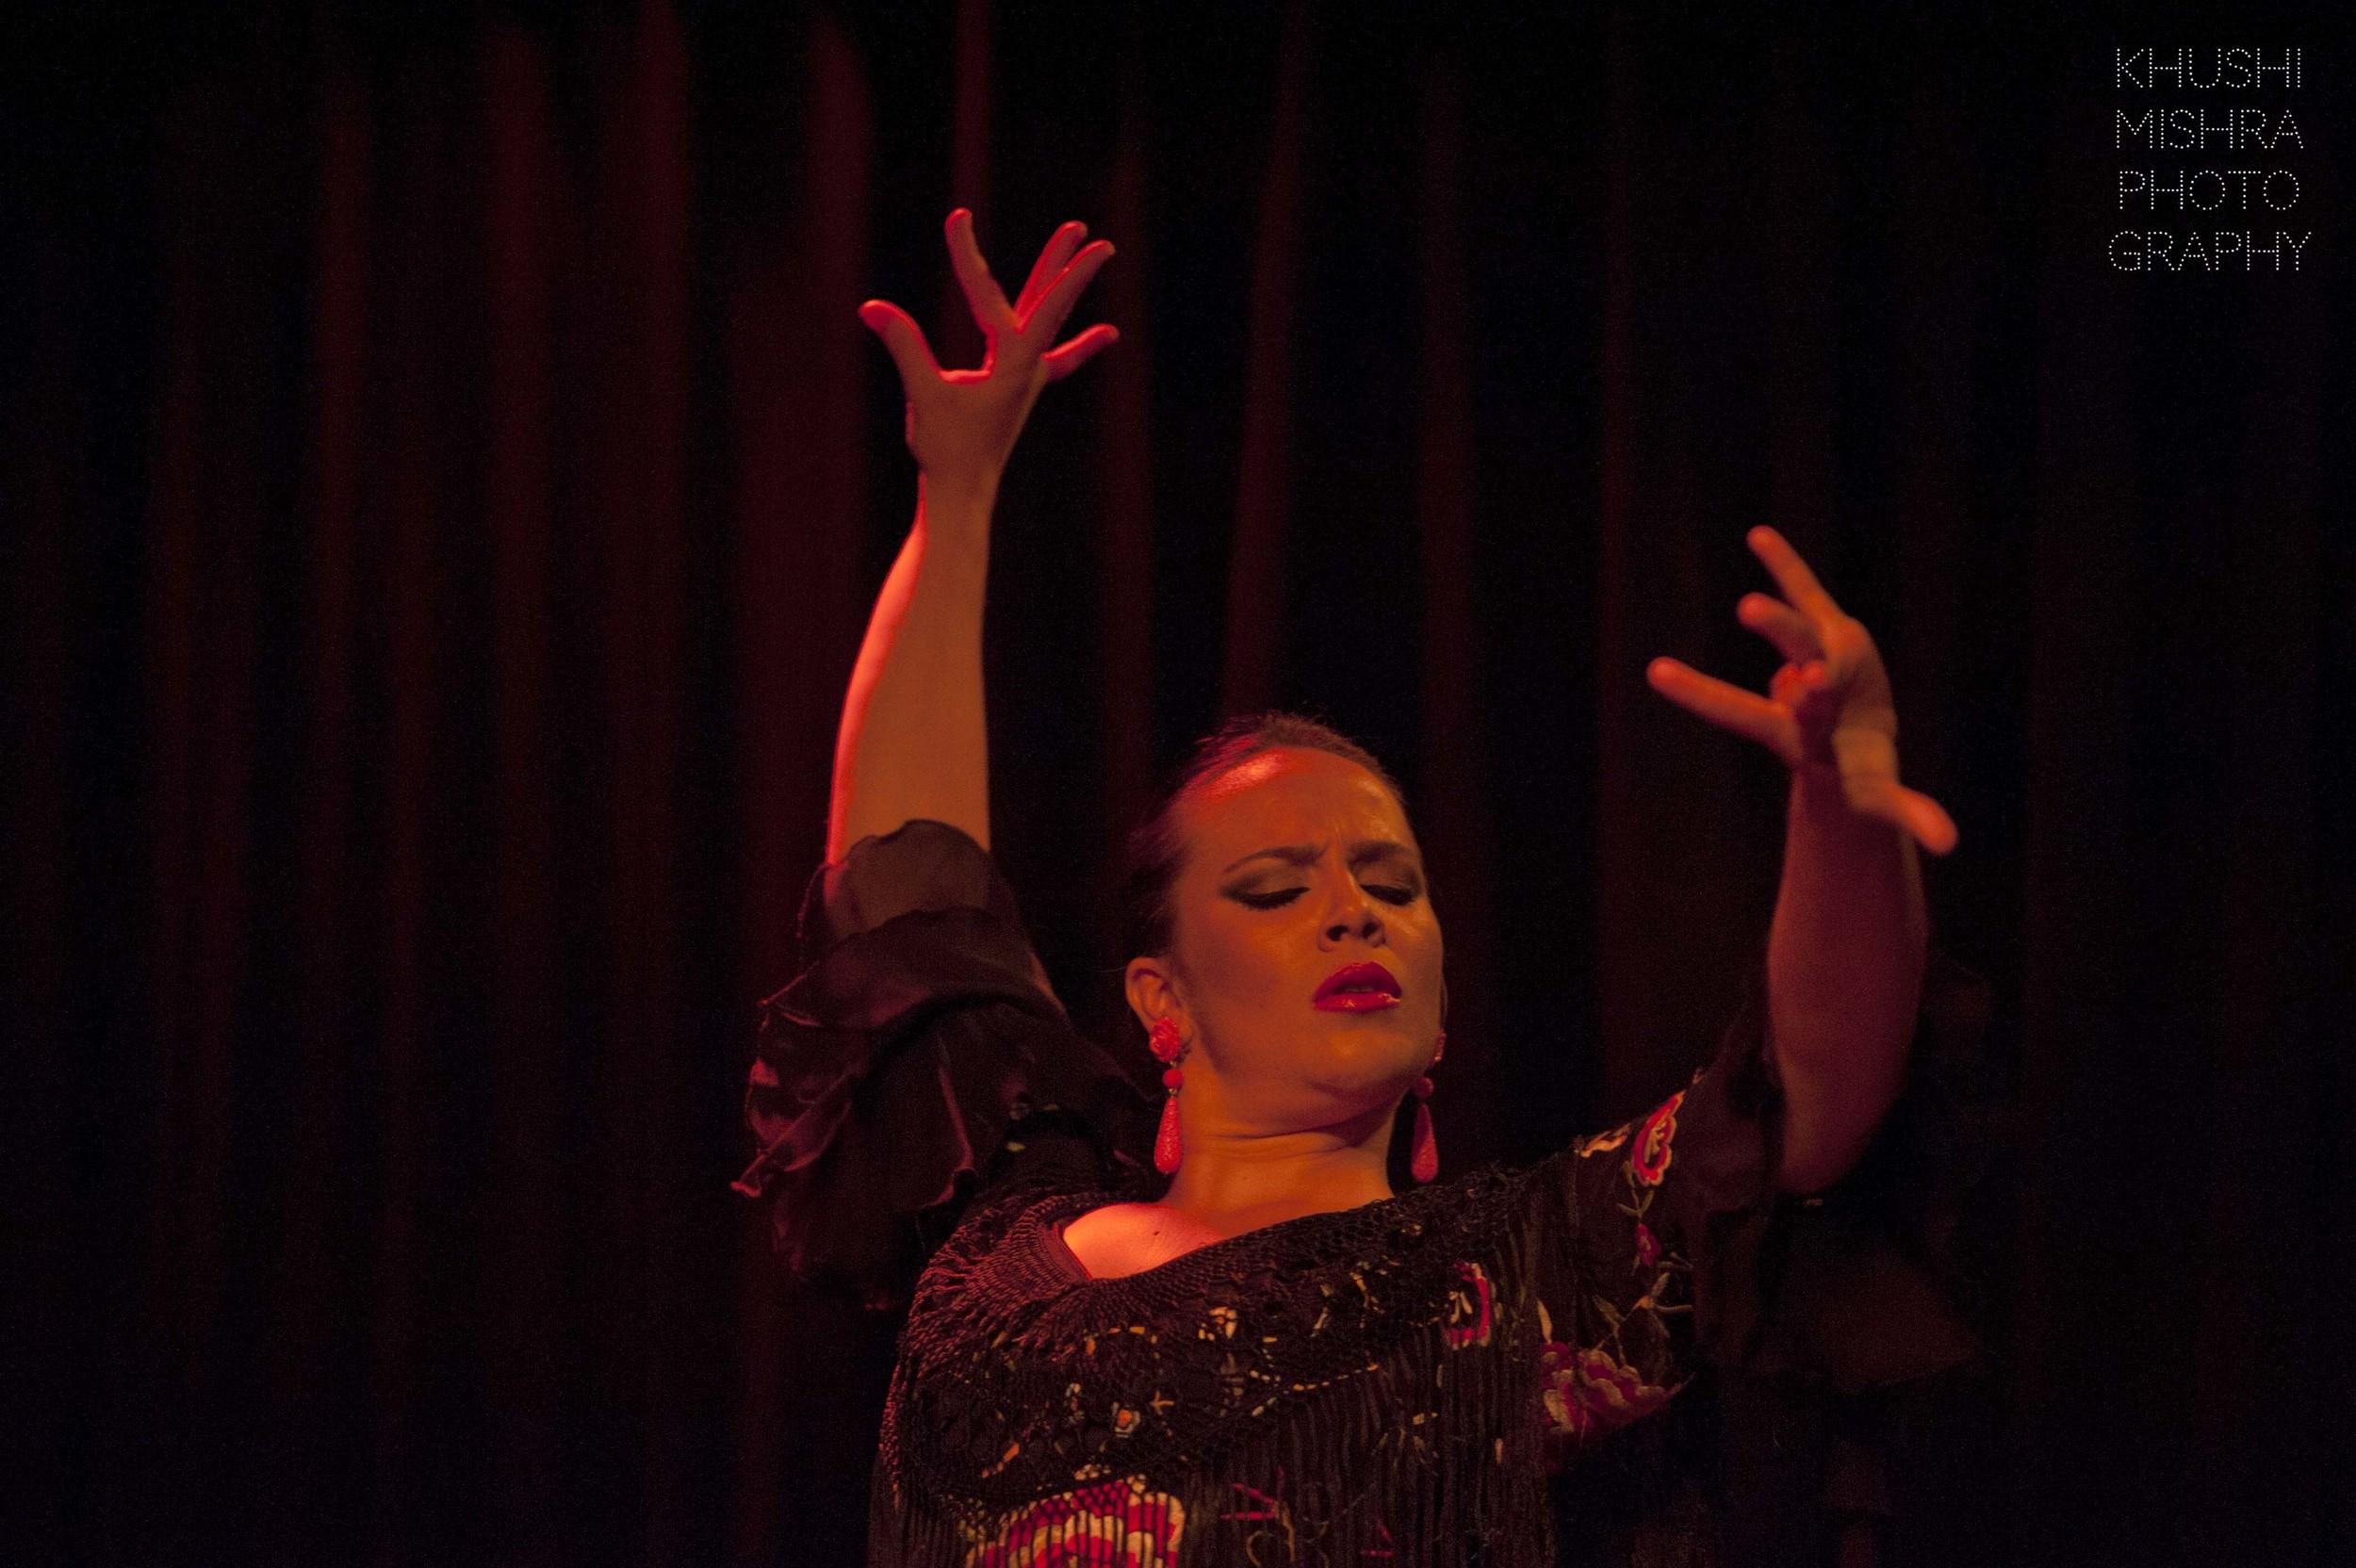 Flamenco_dsc_8029 copy.jpg